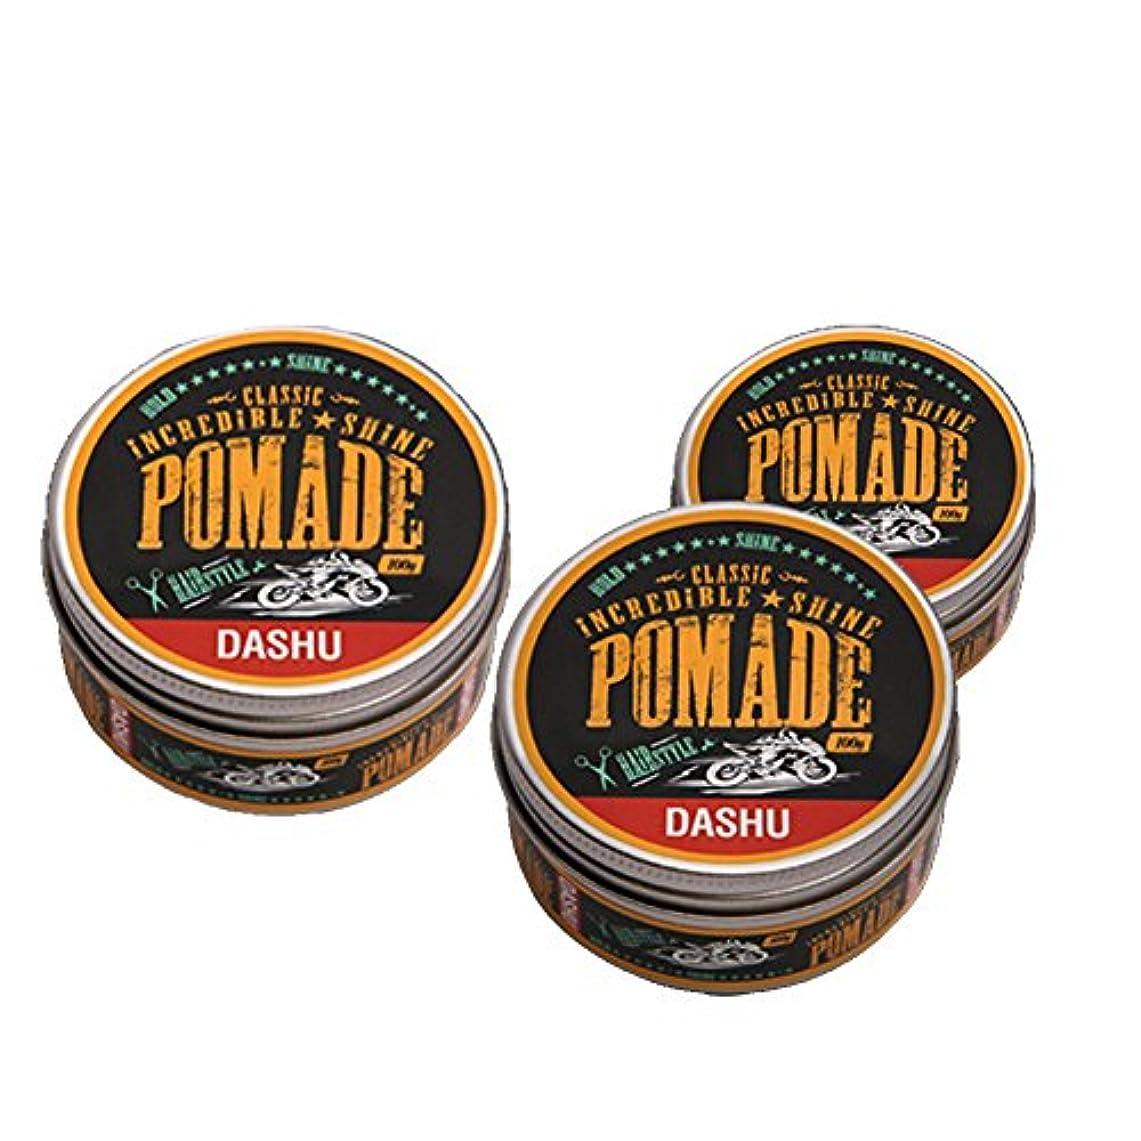 きゅうり除外するテニス(3個セット) x [DASHU] ダシュ クラシック 信じられないほどの輝き ポマードワックス Classic Incredible Shine Pomade Hair Wax 100ml / 韓国製 . 韓国直送品